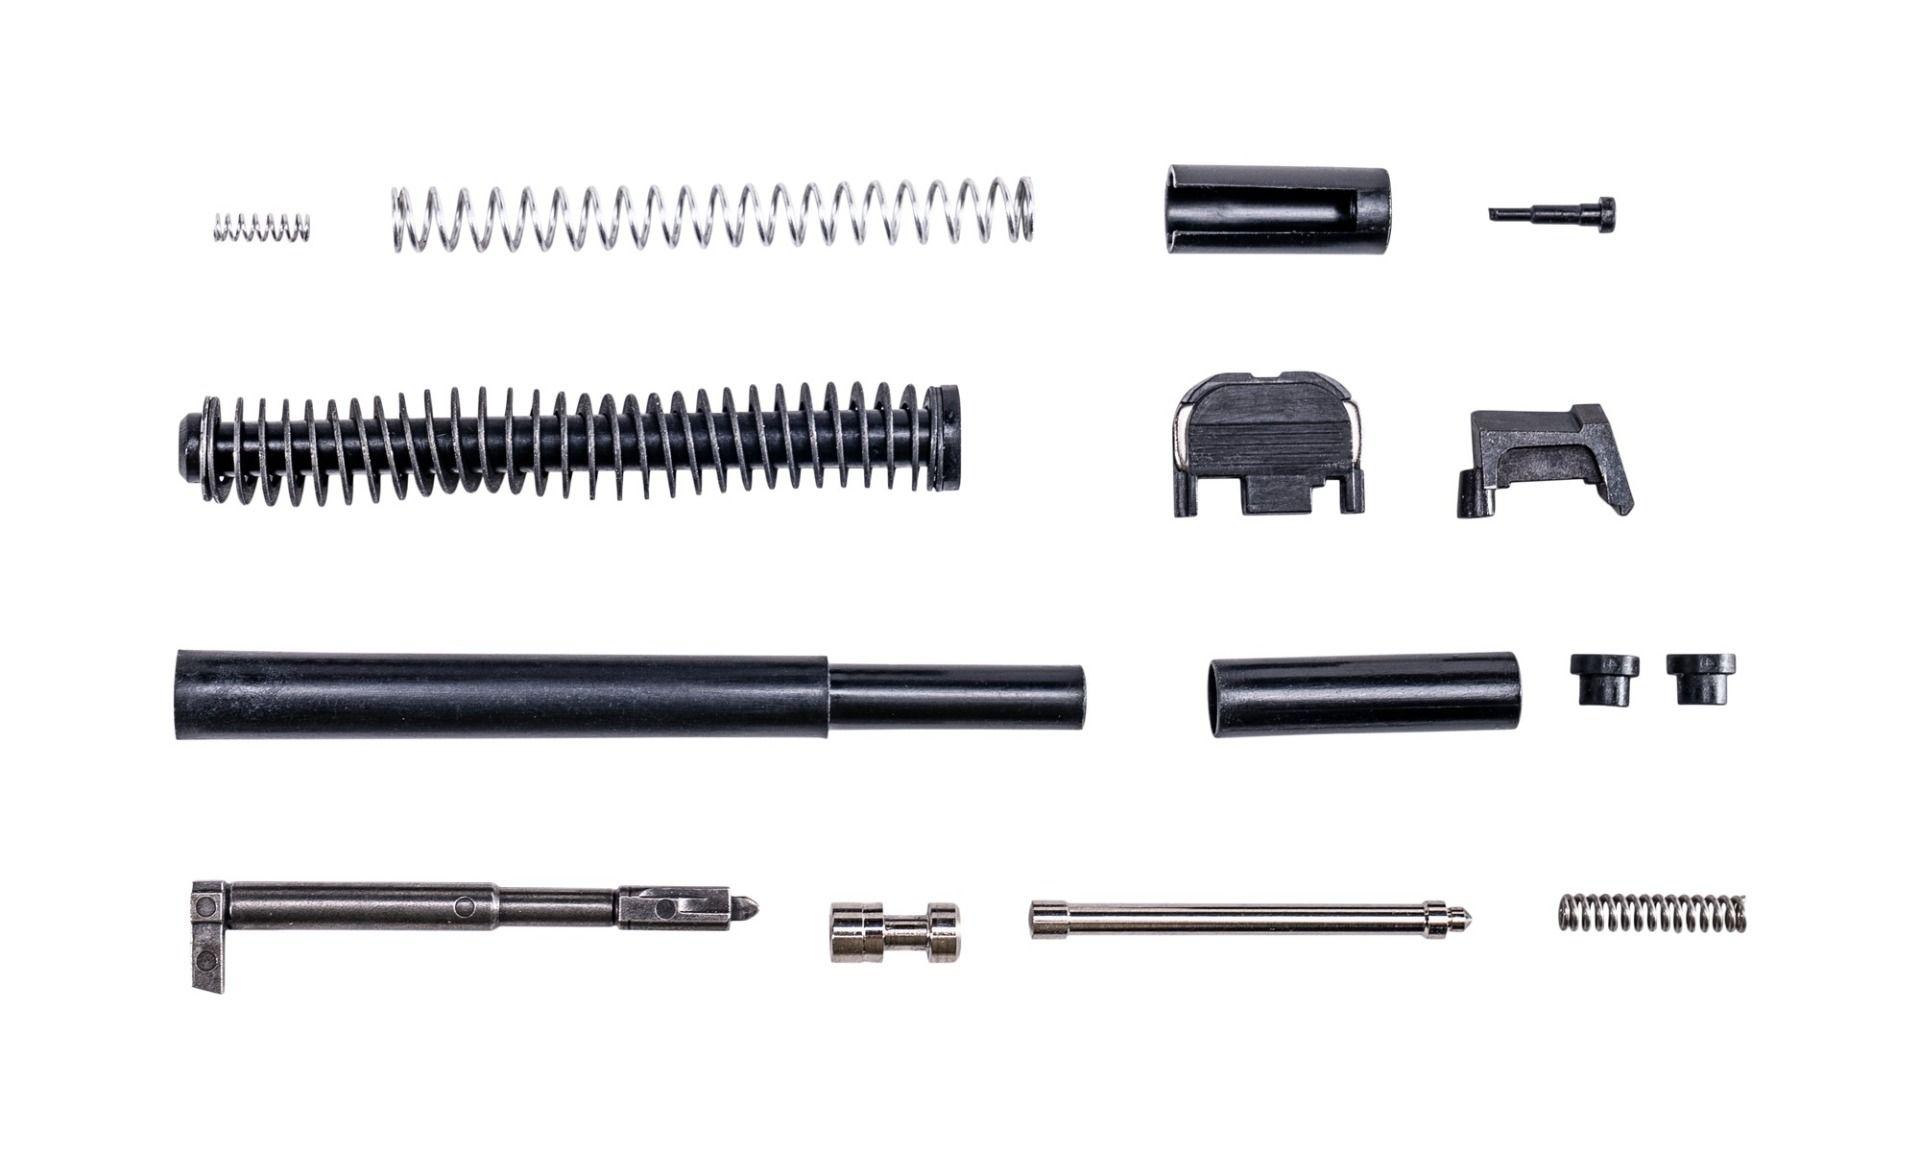 Anderson Glock 19 Gen 3 slide completion kit